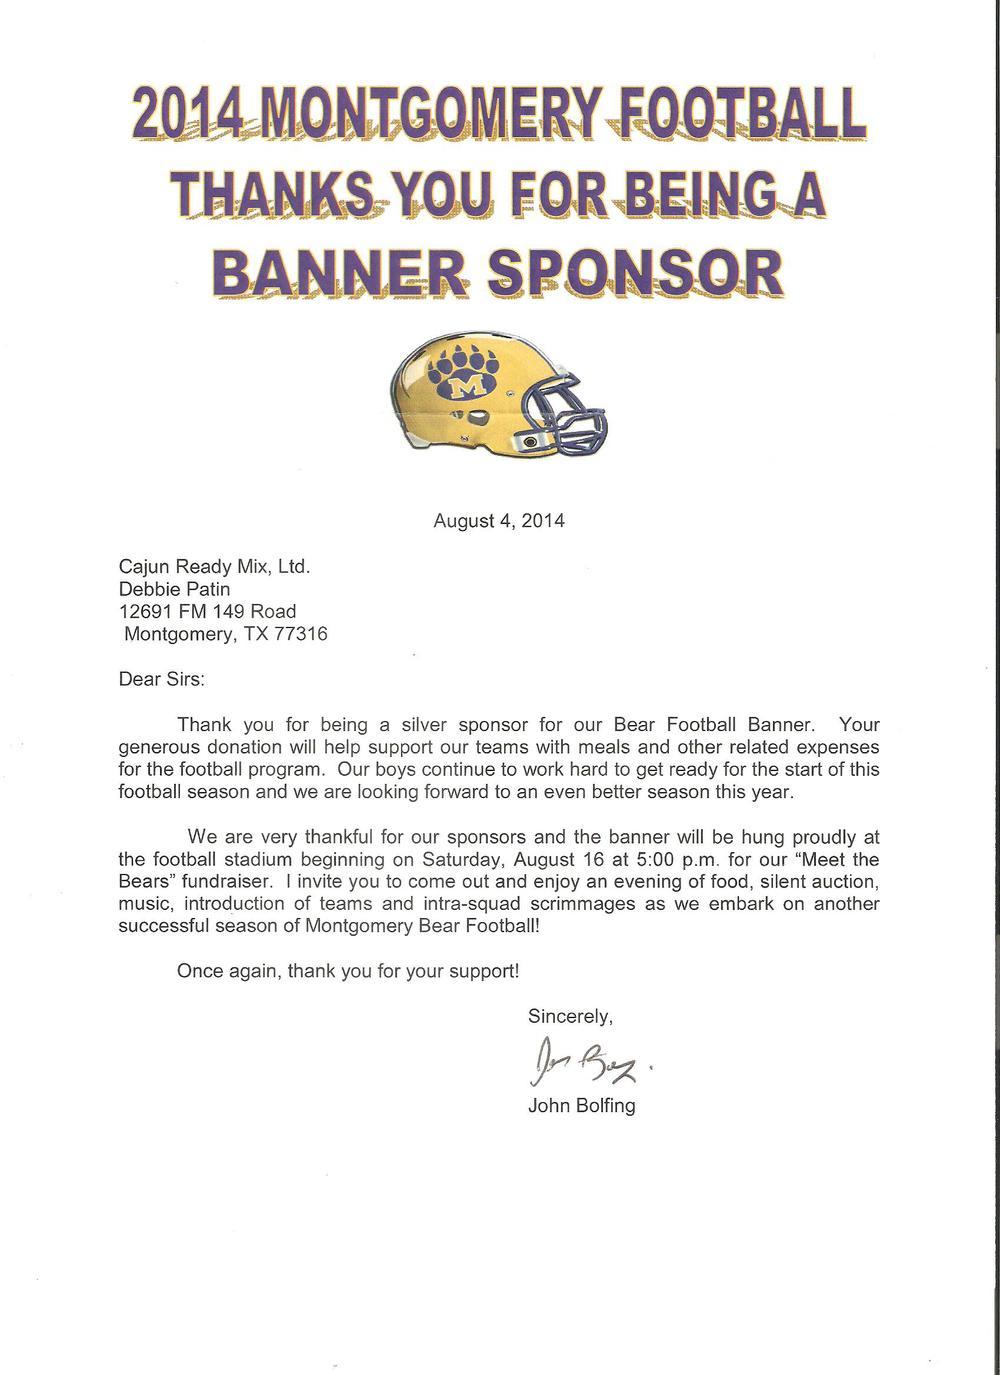 2014 Montgomery Football Banner Sponsor.jpg